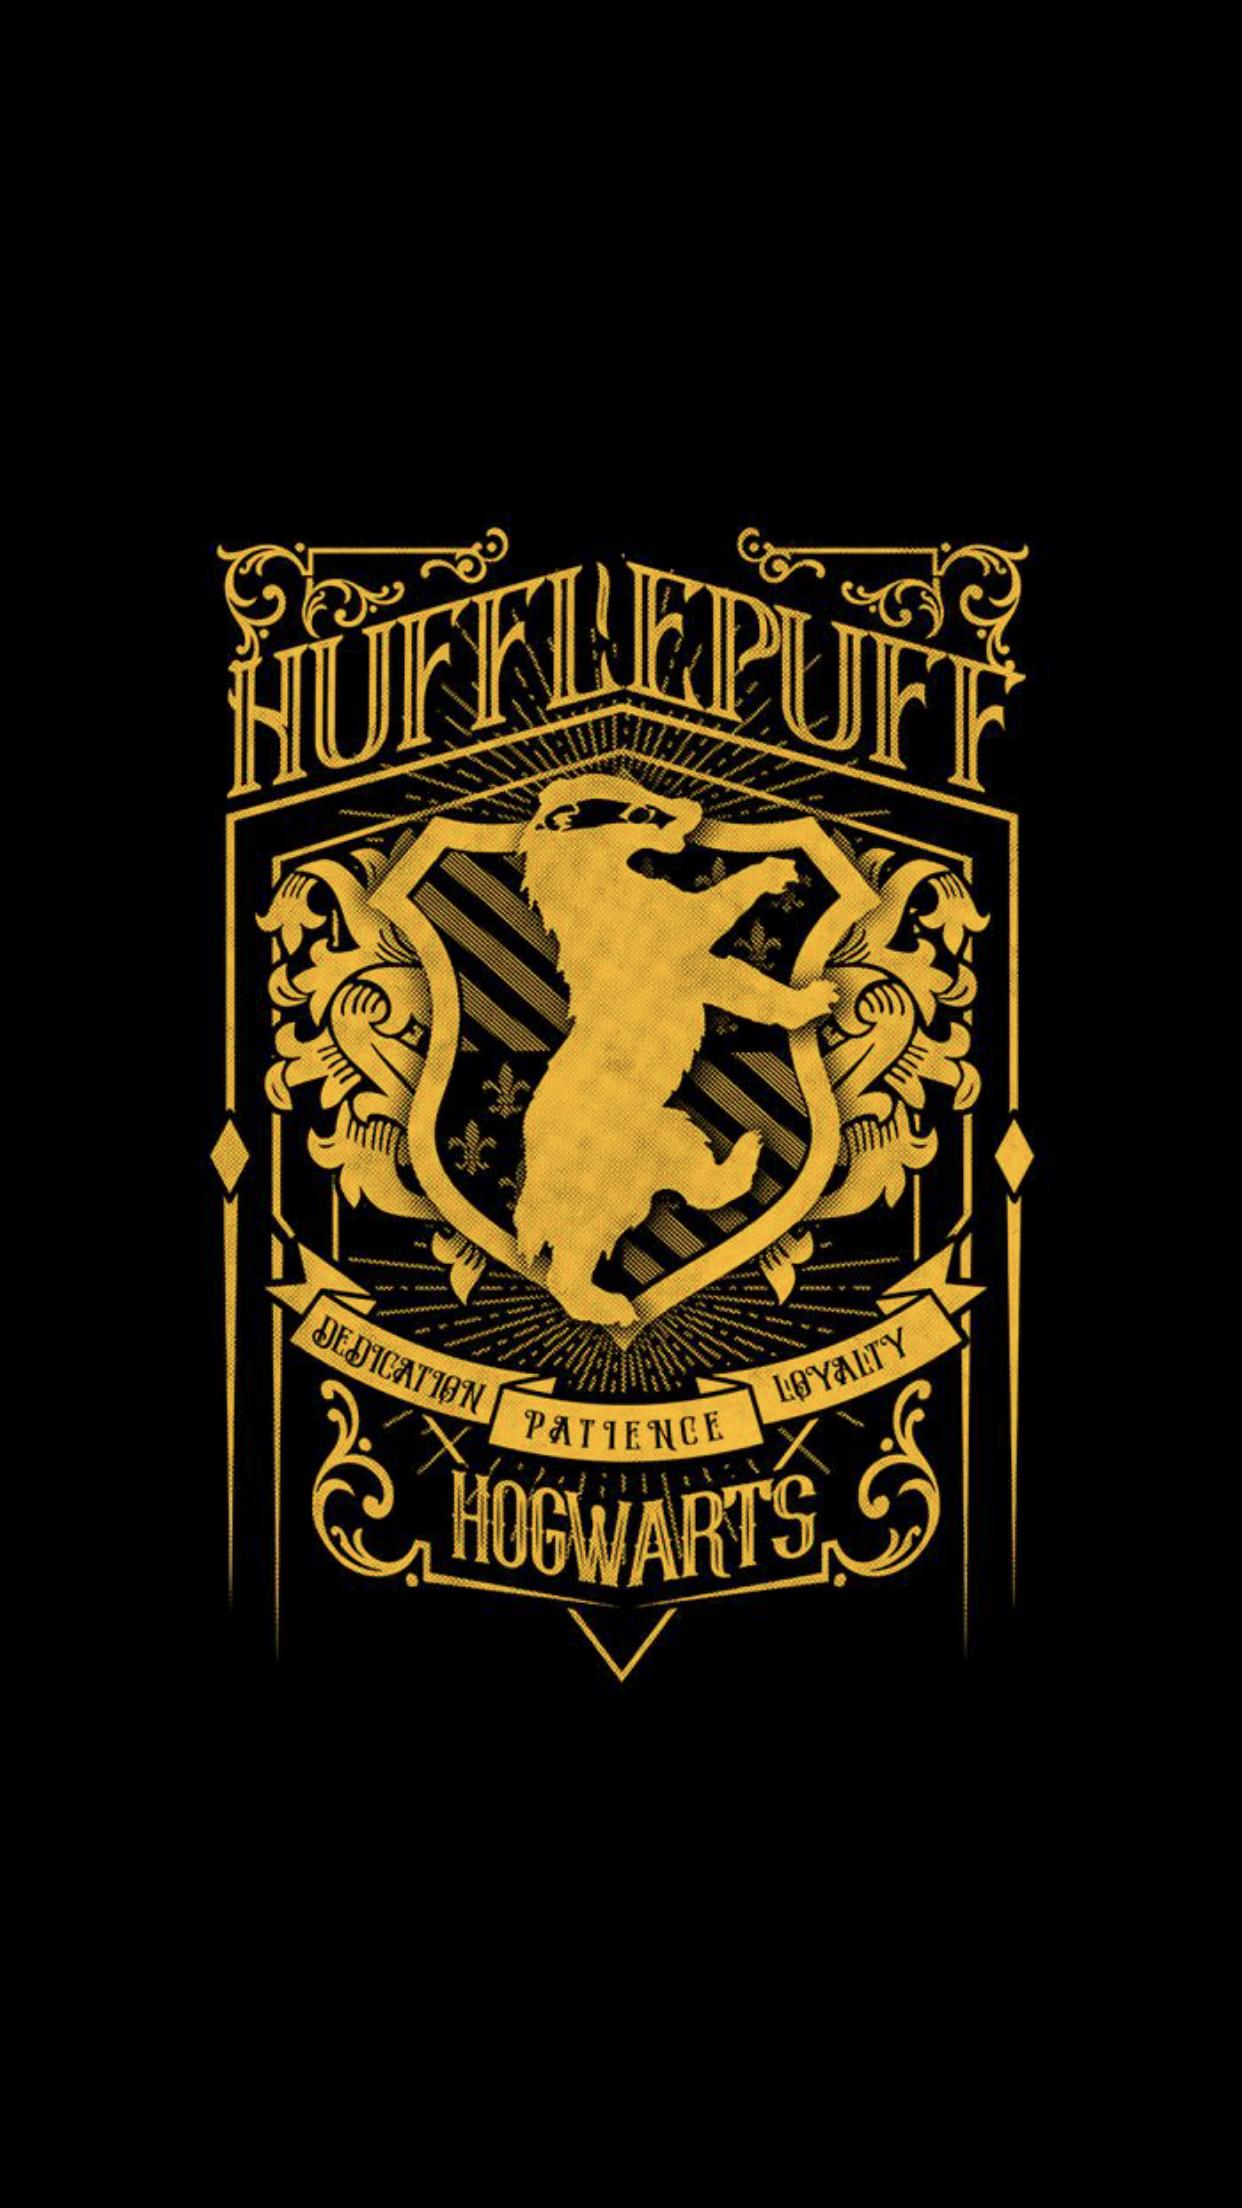 Pin by Deborah Southard on Harry Potter Harry potter